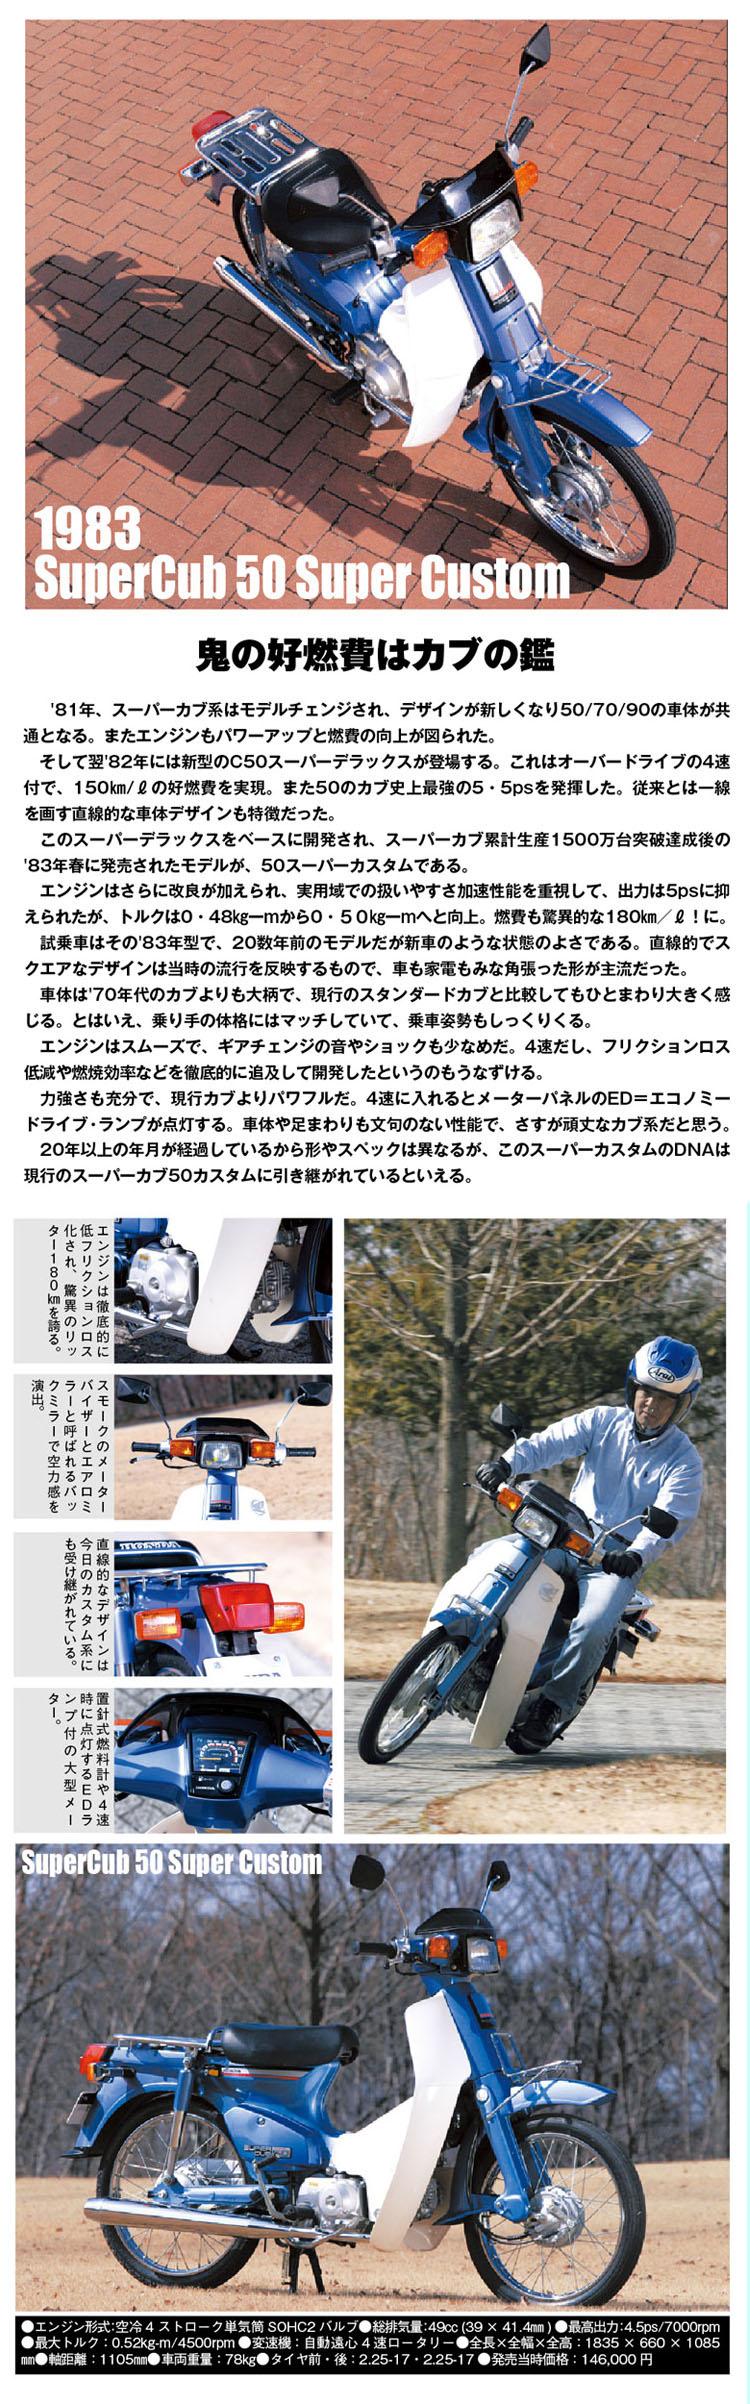 オモシロ系カブインプレッション6